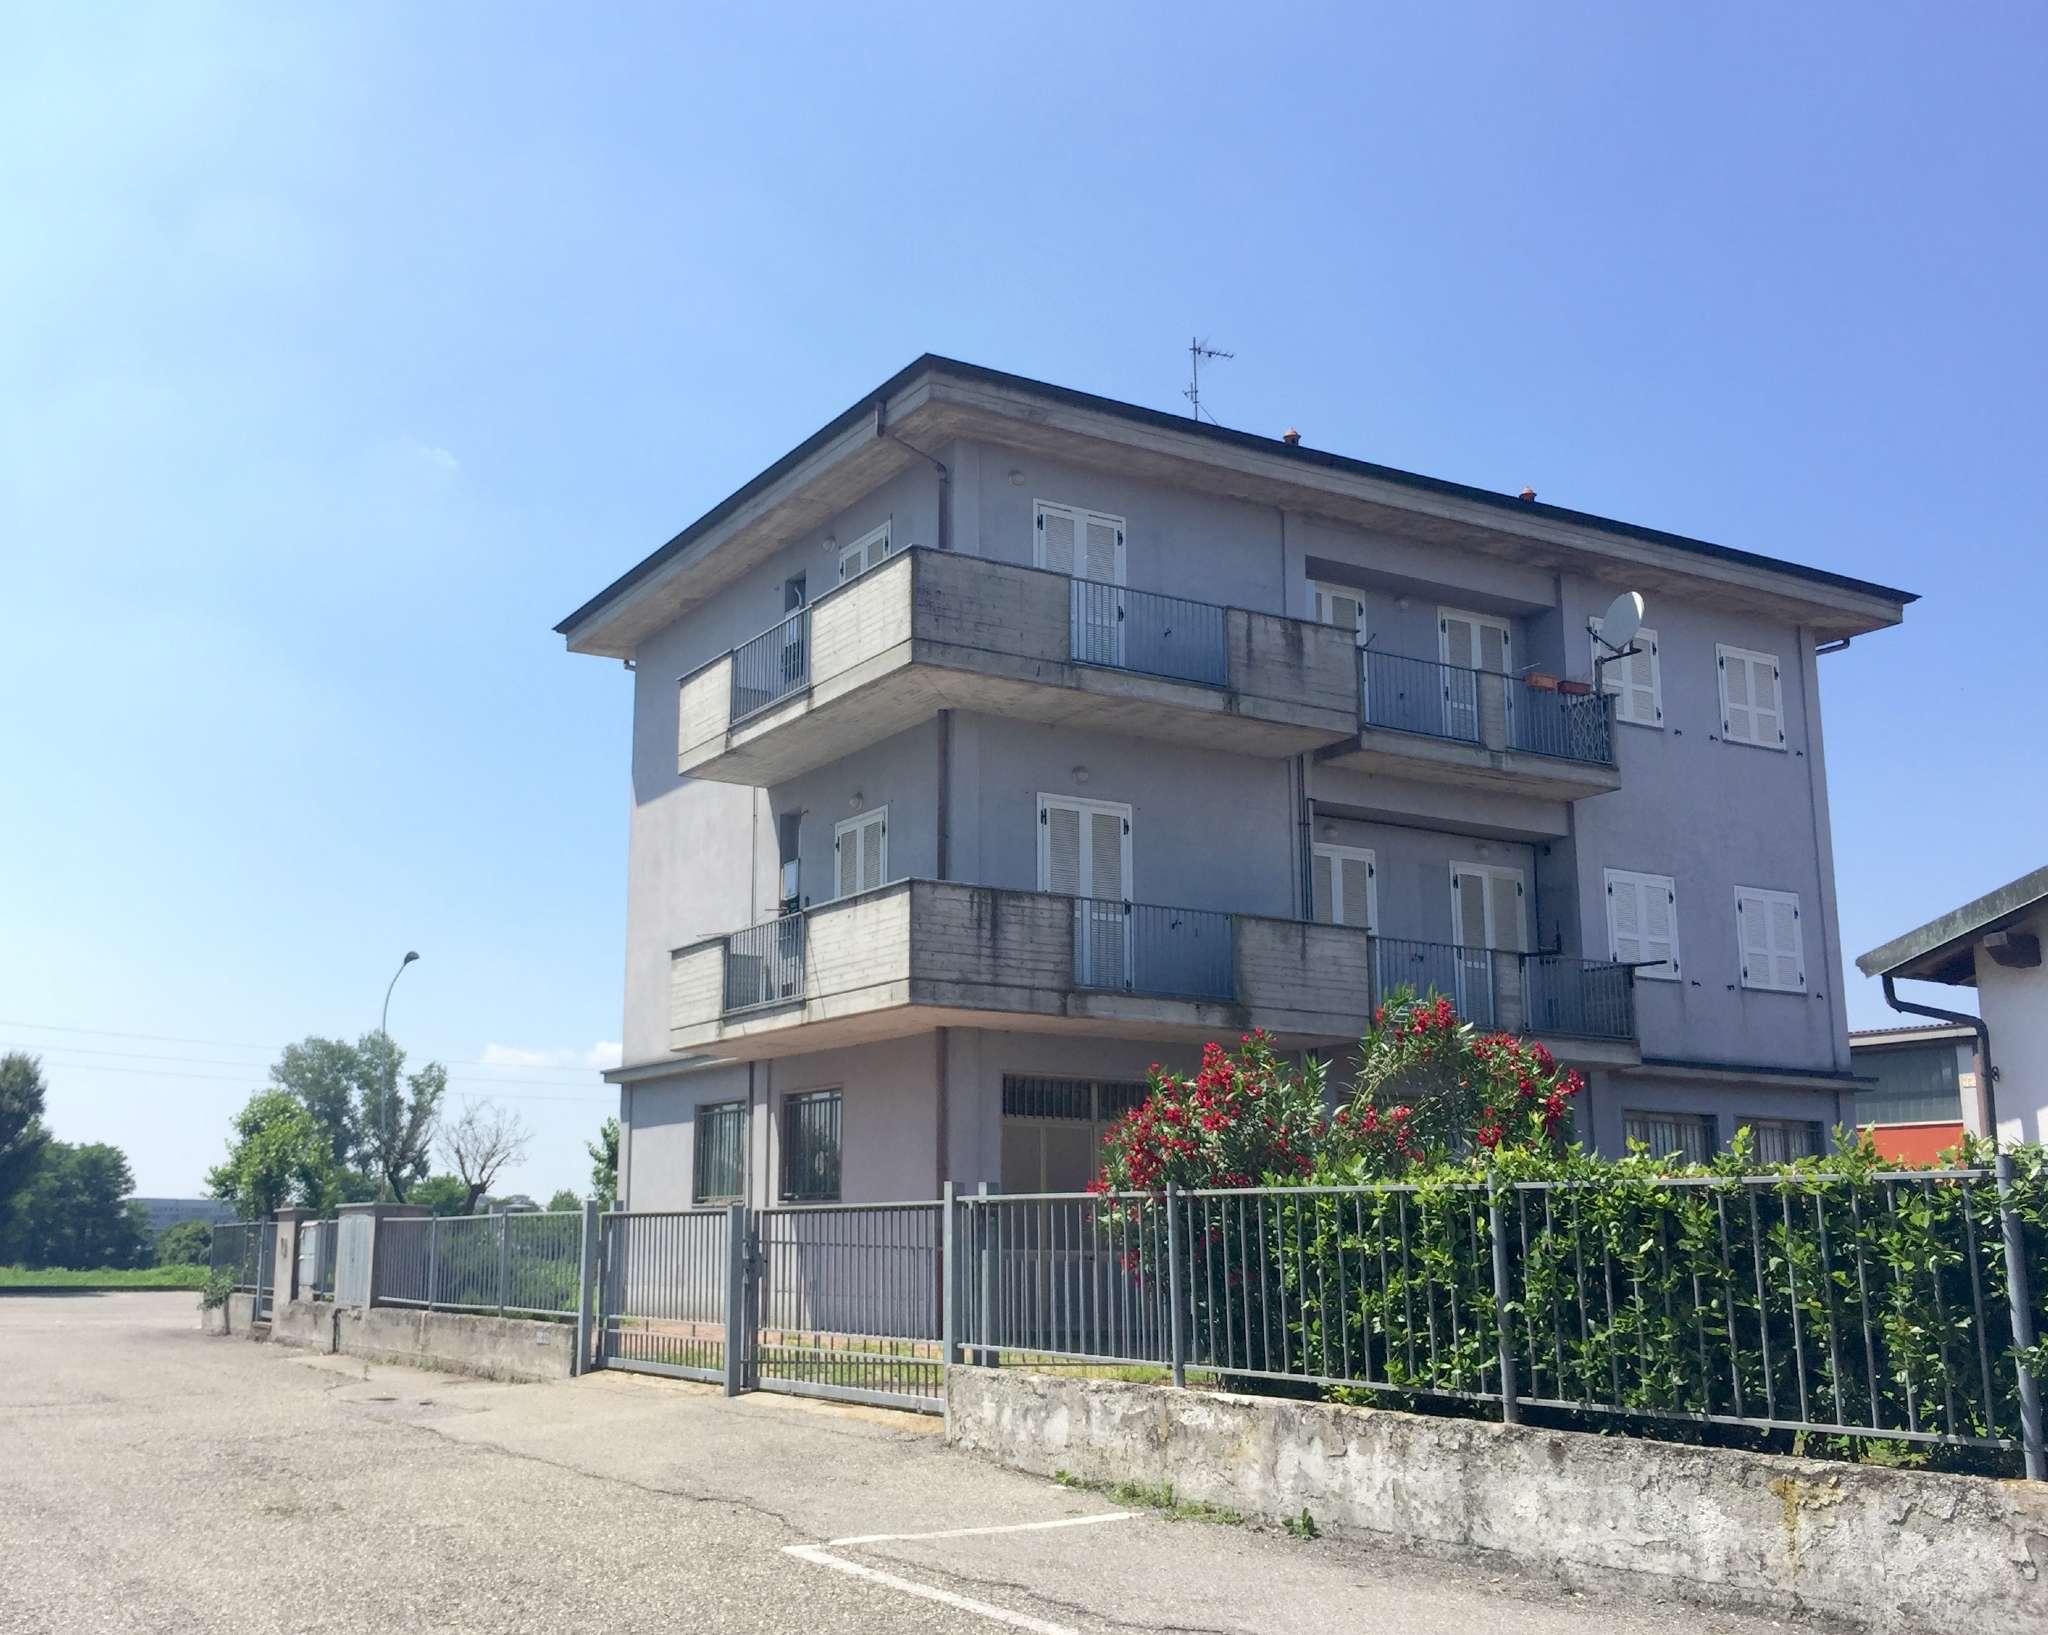 Palazzo / Stabile in vendita a Vizzolo Predabissi, 9999 locali, prezzo € 330.000   CambioCasa.it